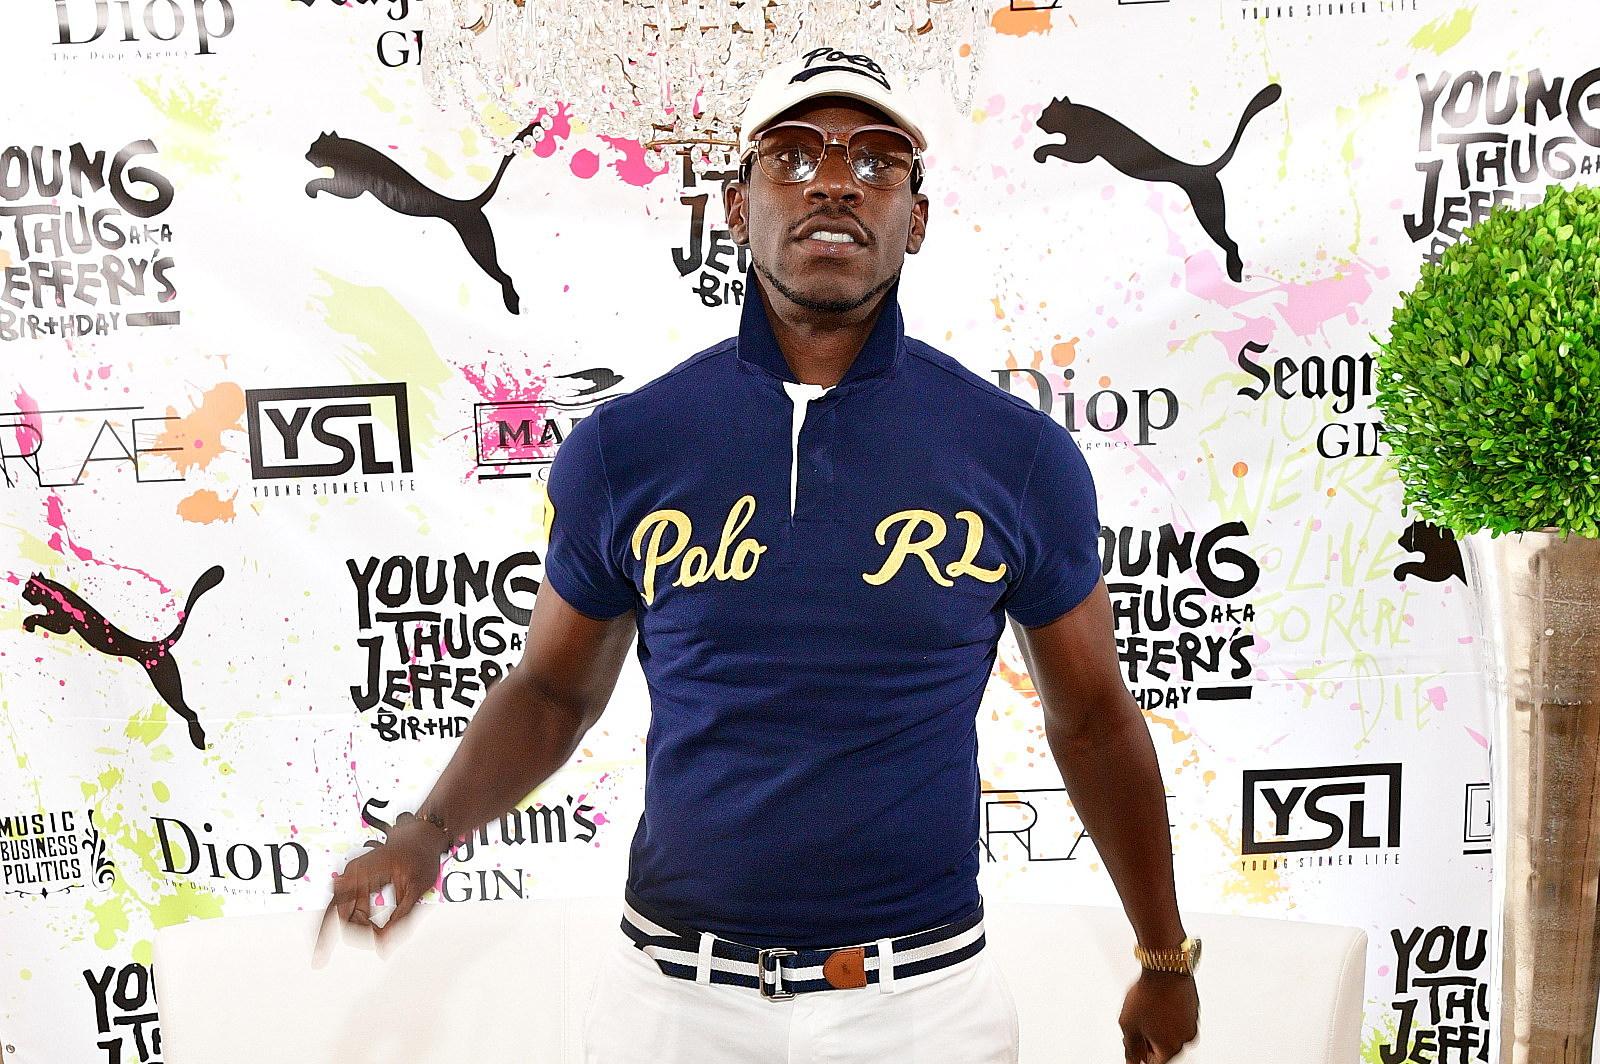 Blue dress rapper vicious